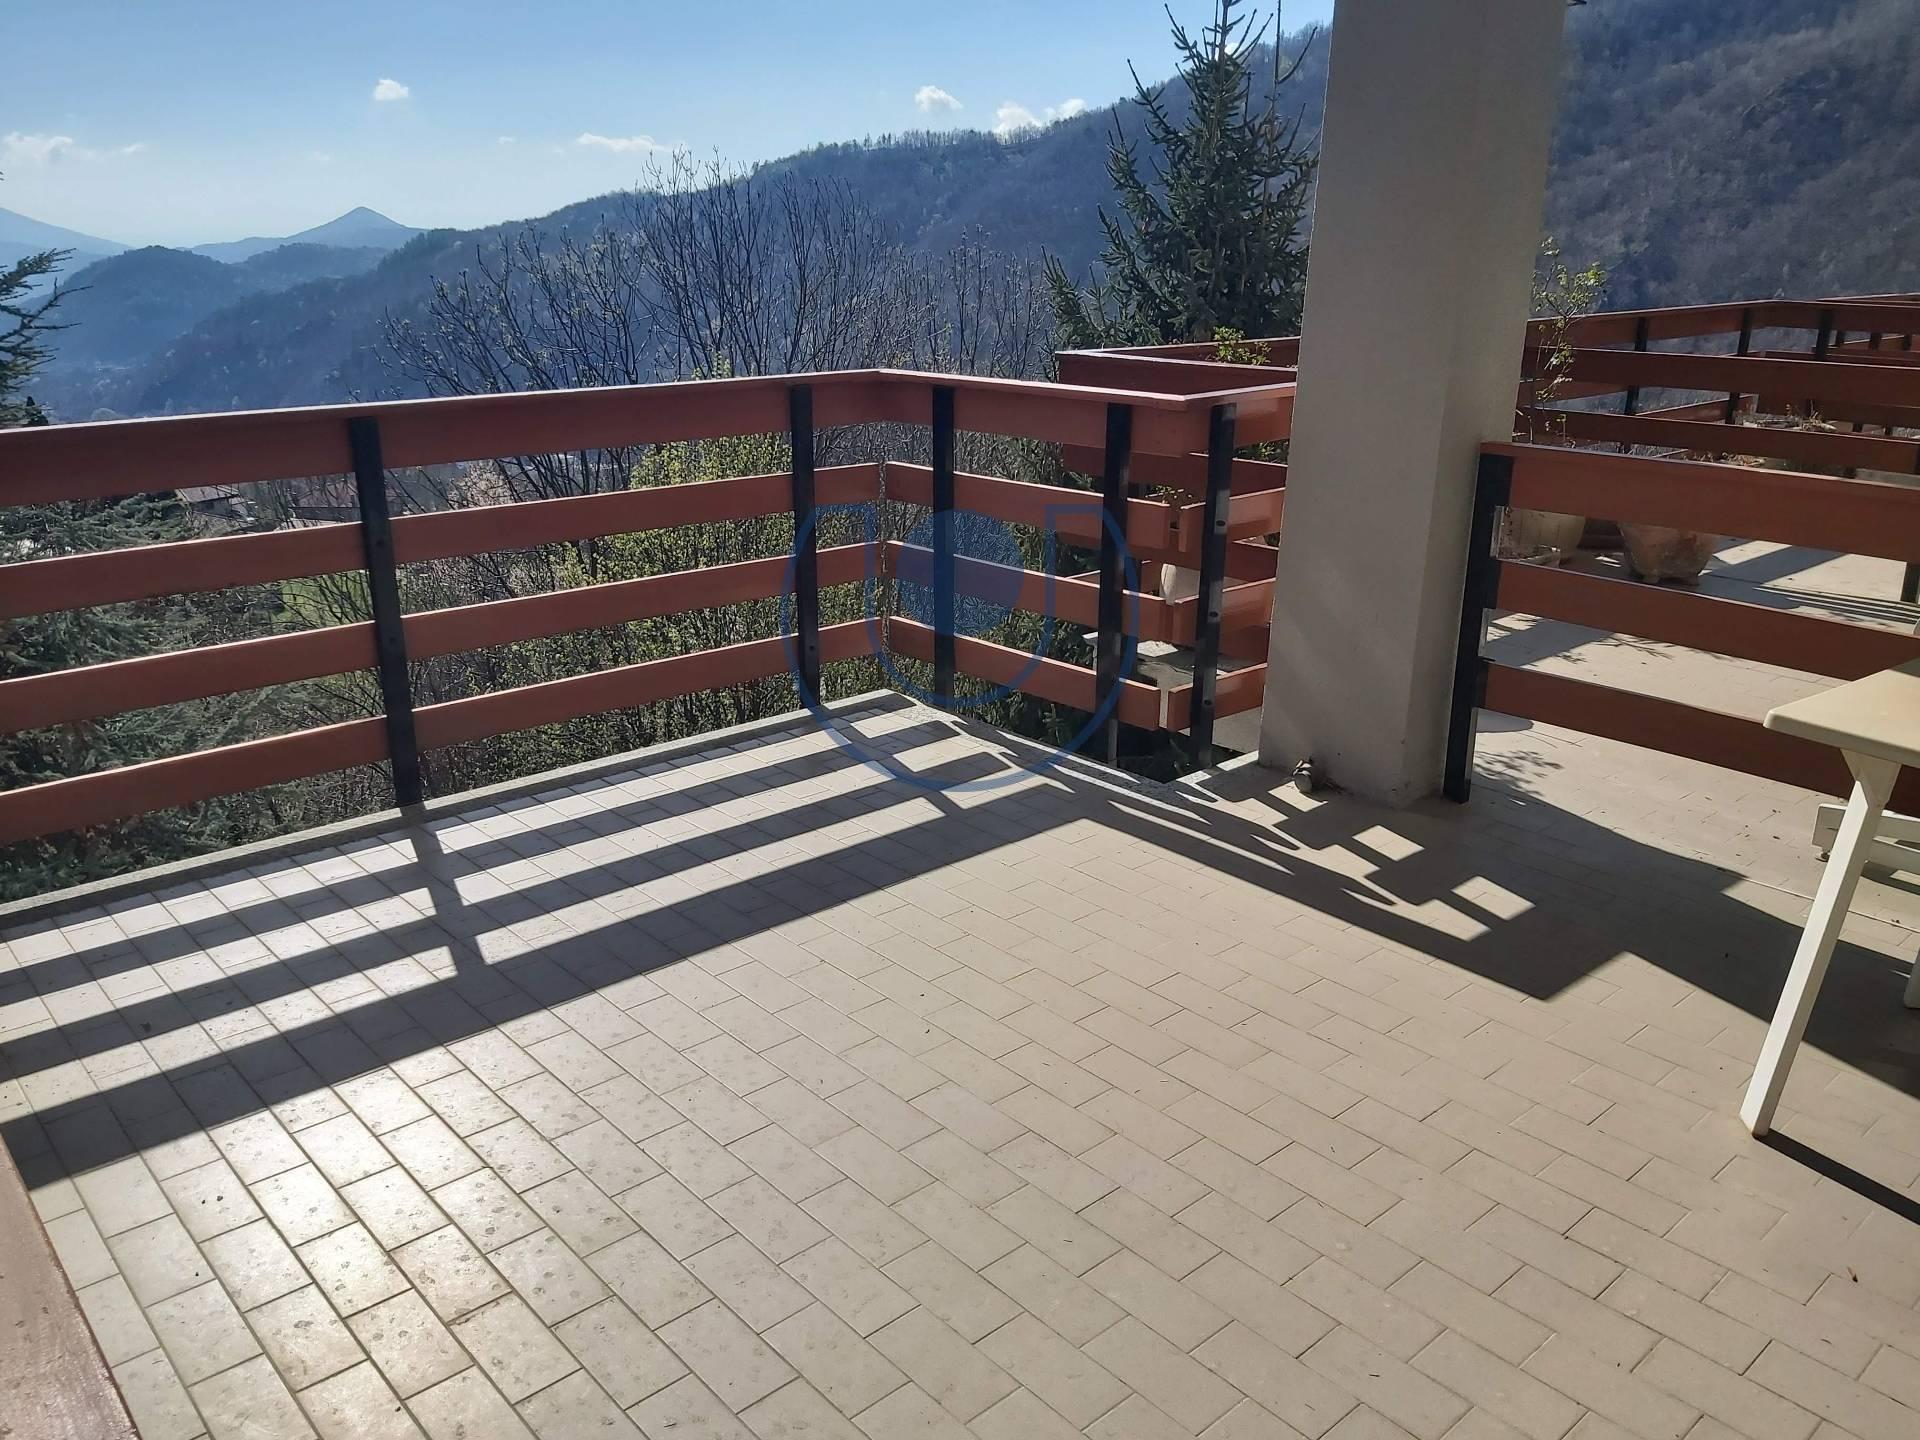 Appartamento in vendita a Coazze, 3 locali, zona Località: Periferica, prezzo € 45.000 | PortaleAgenzieImmobiliari.it